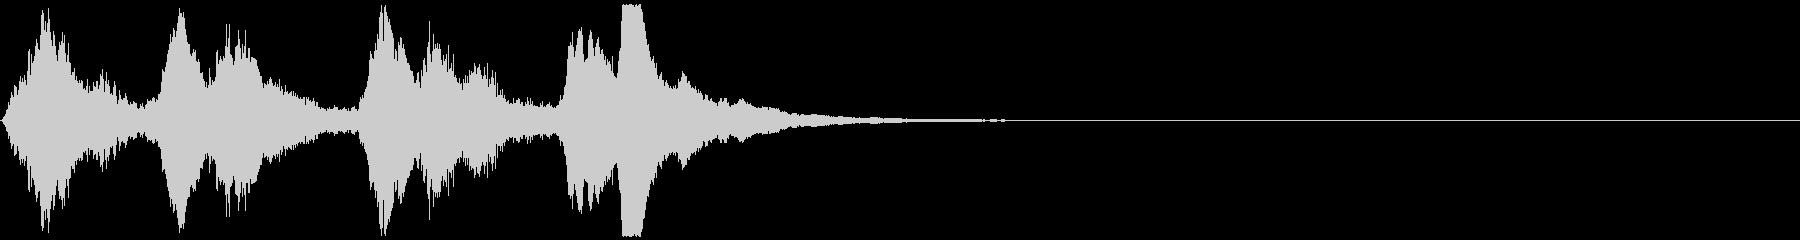 ほのぼのとしたジングル:18の未再生の波形